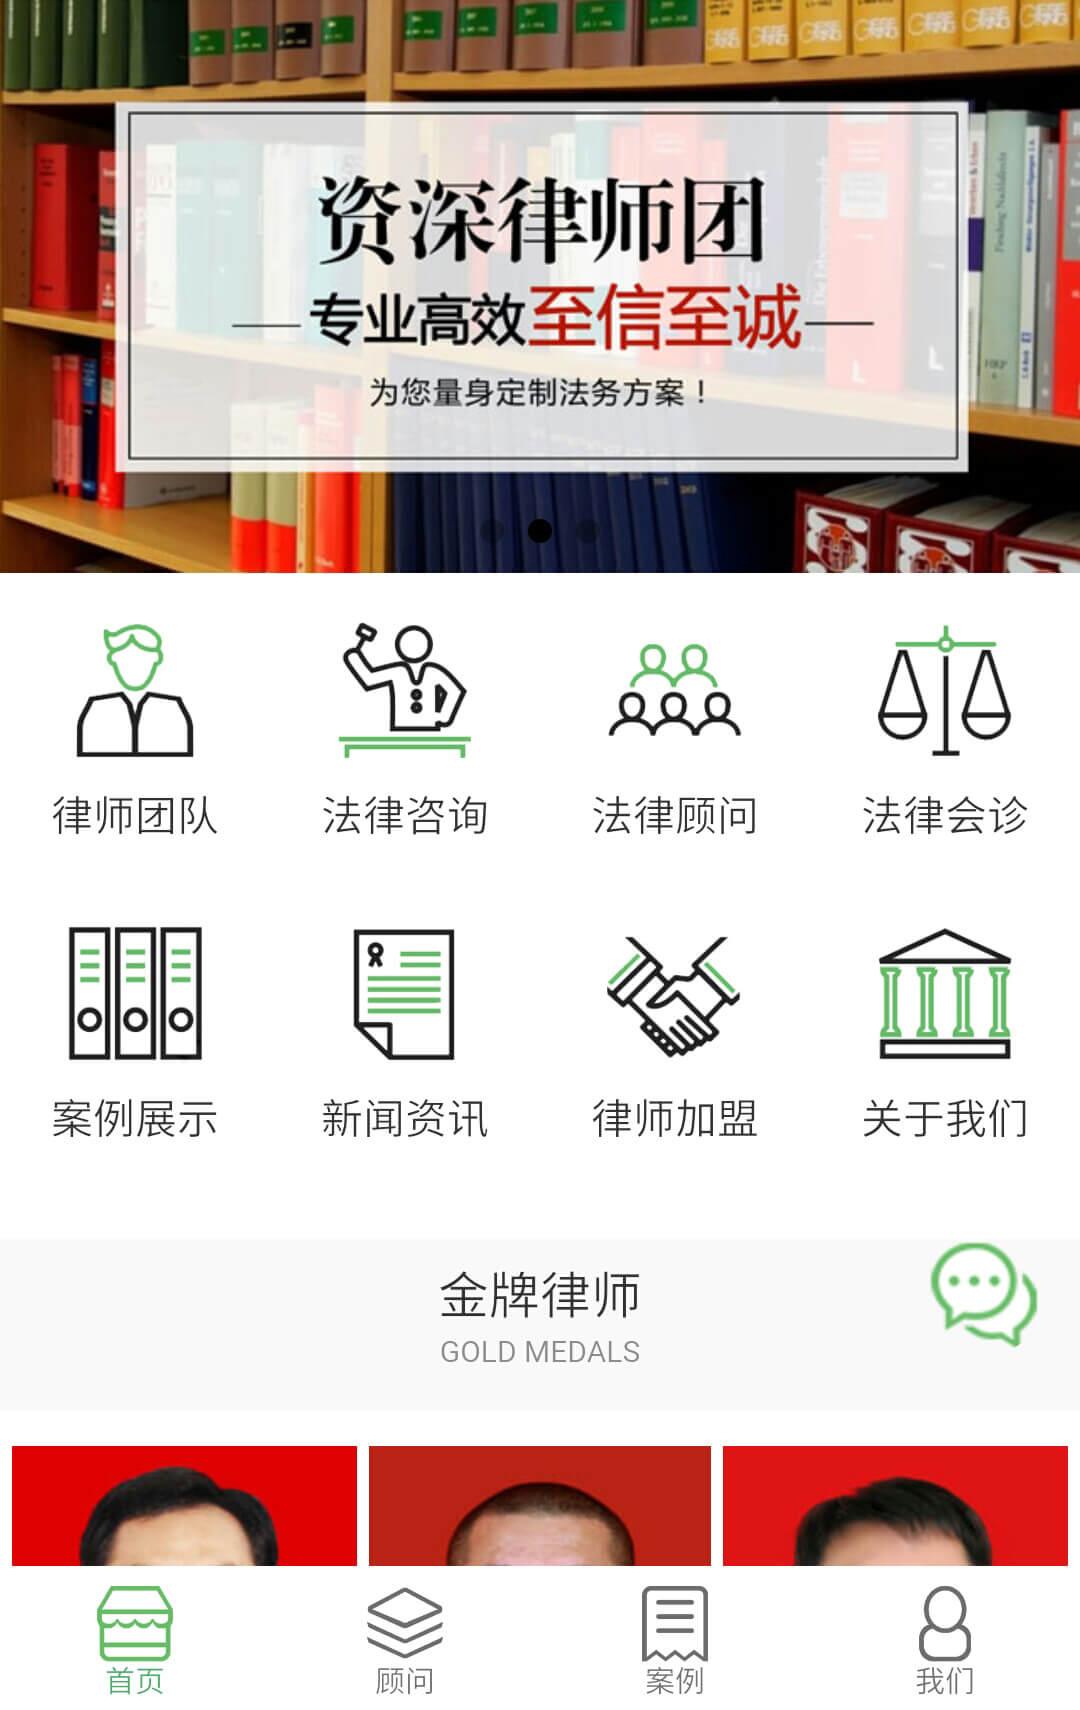 律师事务所小程序